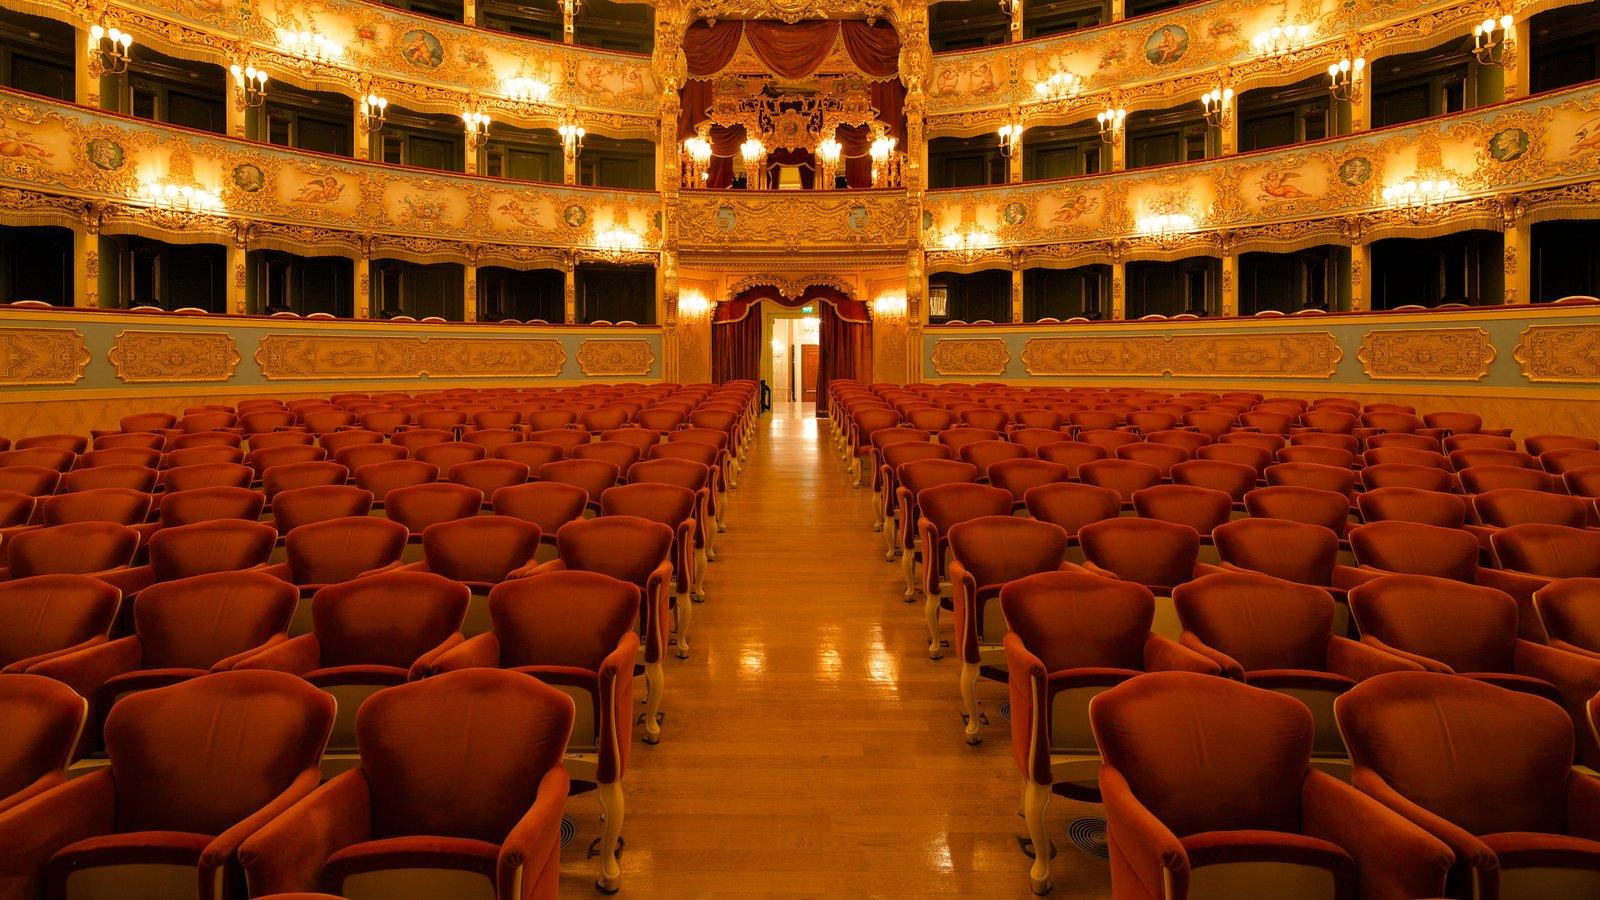 La Fenice Opera House which includes interior views, heritage architecture and theatre scenes